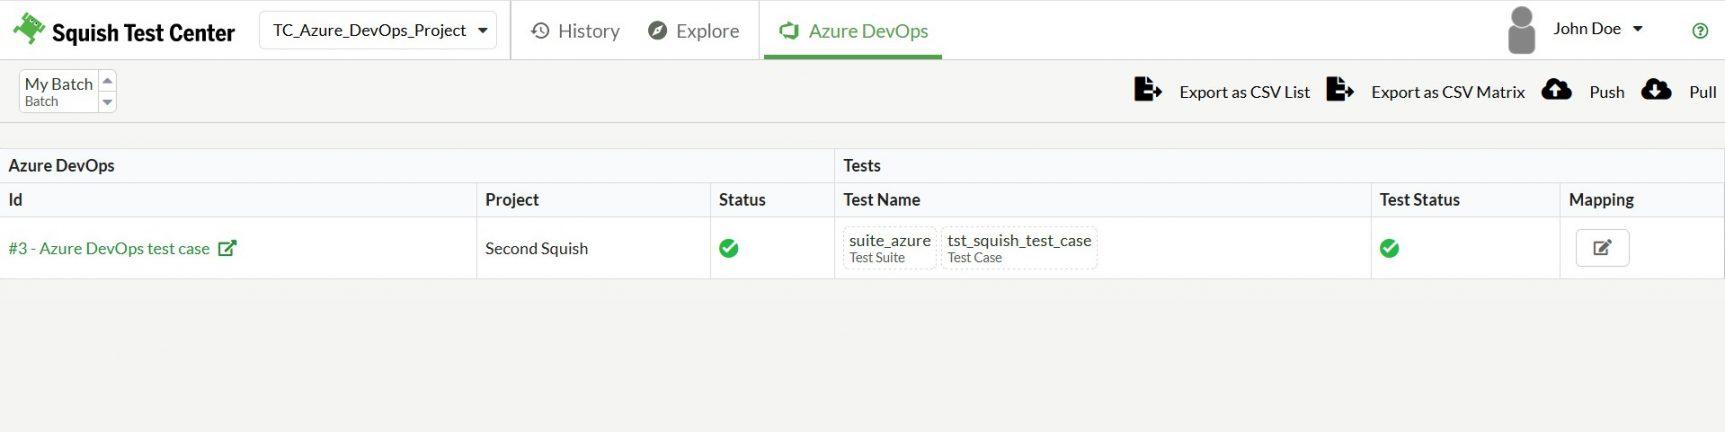 Tracability View Squish Test Center Azure DevOps